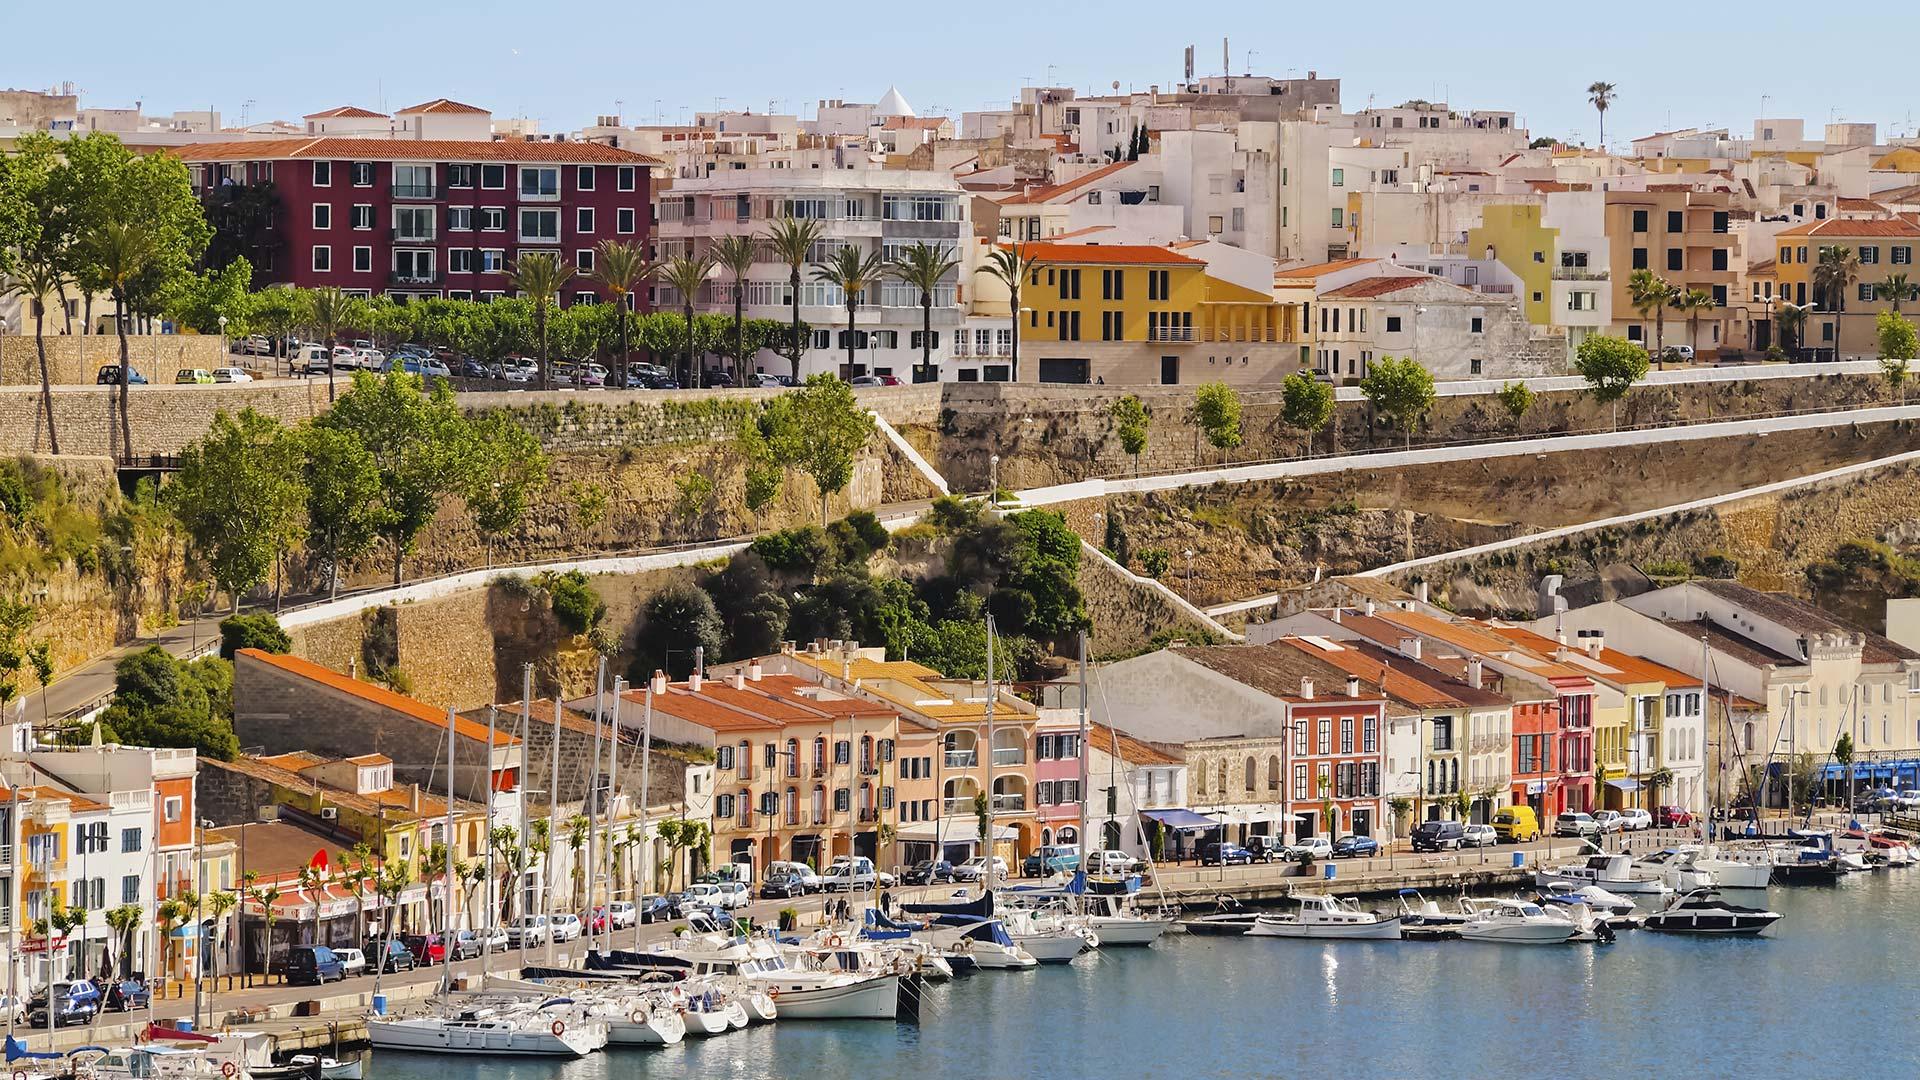 Vista aérea del Puerto de la Ciudadela de Menorca.